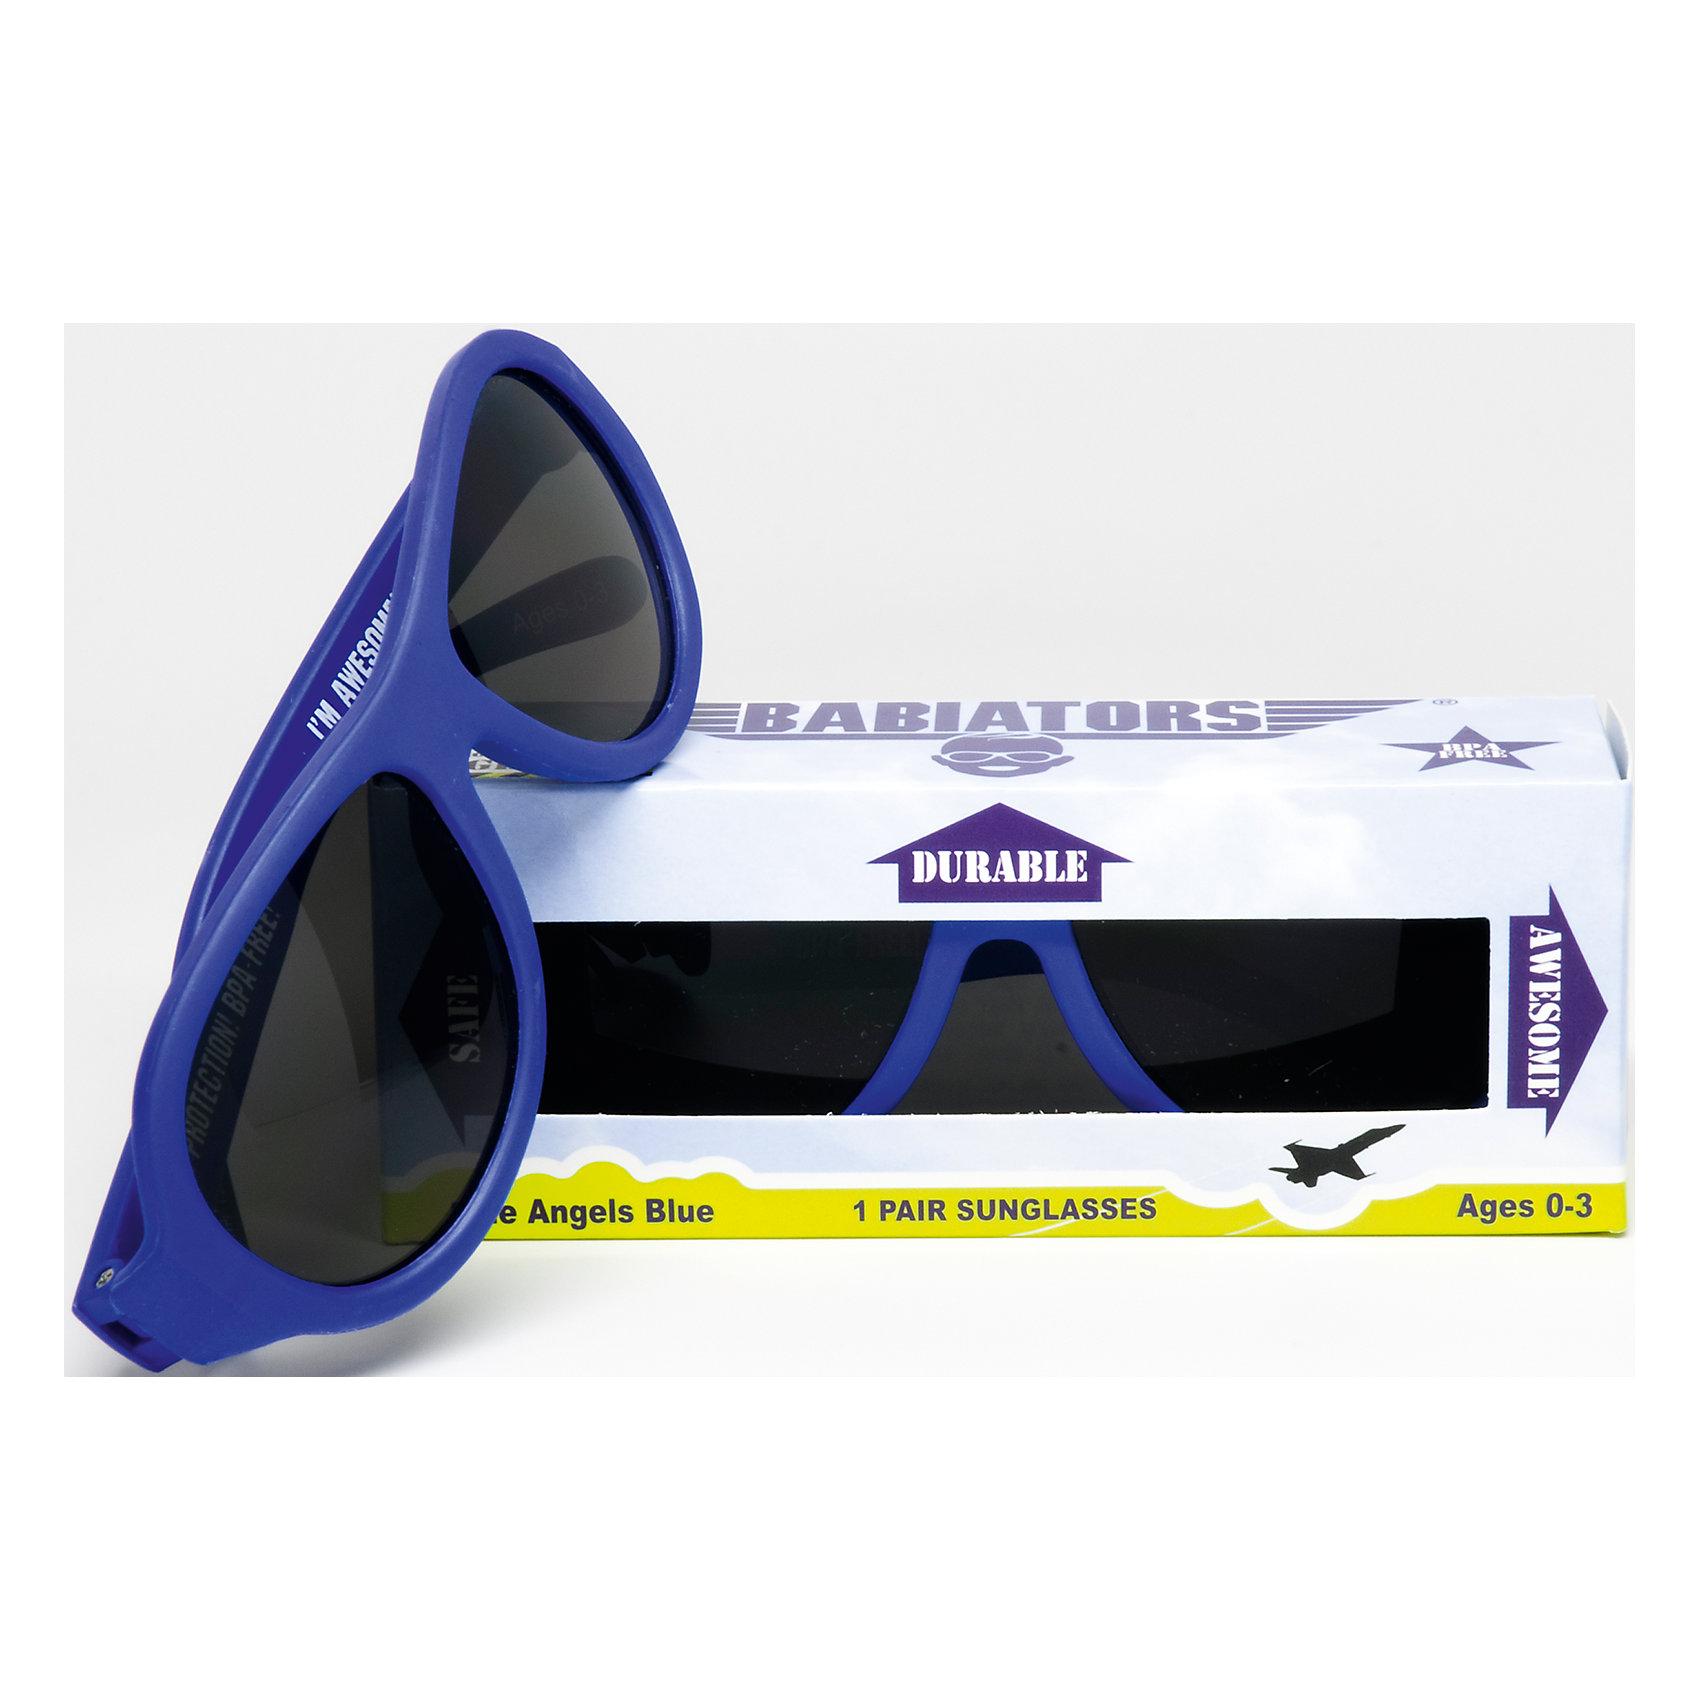 Солнцезащитные очки Babiators OriginalЗащита глаз всегда в моде.<br>Вы делаете все возможное, чтобы ваши дети были здоровы и в безопасности. Шлемы для езды на велосипеде, солнцезащитный крем для прогулок на солнце. Но как насчёт влияния солнца на глазах вашего ребёнка? Правда в том, что сетчатка глаза у детей развивается вместе с самим ребёнком. Это означает, что глаза малышей не могут отфильтровать УФ-излучение. Добавьте к этому тот факт, что дети за год получают трёхкратную дозу солнечного воздействия на взрослого человека (доклад Vision Council Report 2013, США). Проблема понятна - детям нужна настоящая защита, чтобы глазка были в безопасности, а зрение сильным.<br>Каждая пара солнцезащитных очков Babiators для детей обеспечивает 100% защиту от UVA и UVB. Прочные линзы высшего качества не подведут в самых сложных переделках. Будьте уверены, что очки Babiators созданы безопасными, прочными и классными, так что вы и ваш маленький лётчик можете приступать к своим приключениям!<br><br>• Прочная, гибкая прорезиненная оправа;<br>• 100 % защита от UVA и UVB солнечных лучей;<br>• Ударопрочные линзы;<br>• Стильные: выбор многих голливудских звёзд.<br><br>Ширина мм: 170<br>Глубина мм: 157<br>Высота мм: 67<br>Вес г: 117<br>Возраст от месяцев: 0<br>Возраст до месяцев: 36<br>Пол: Унисекс<br>Возраст: Детский<br>SKU: 4766955